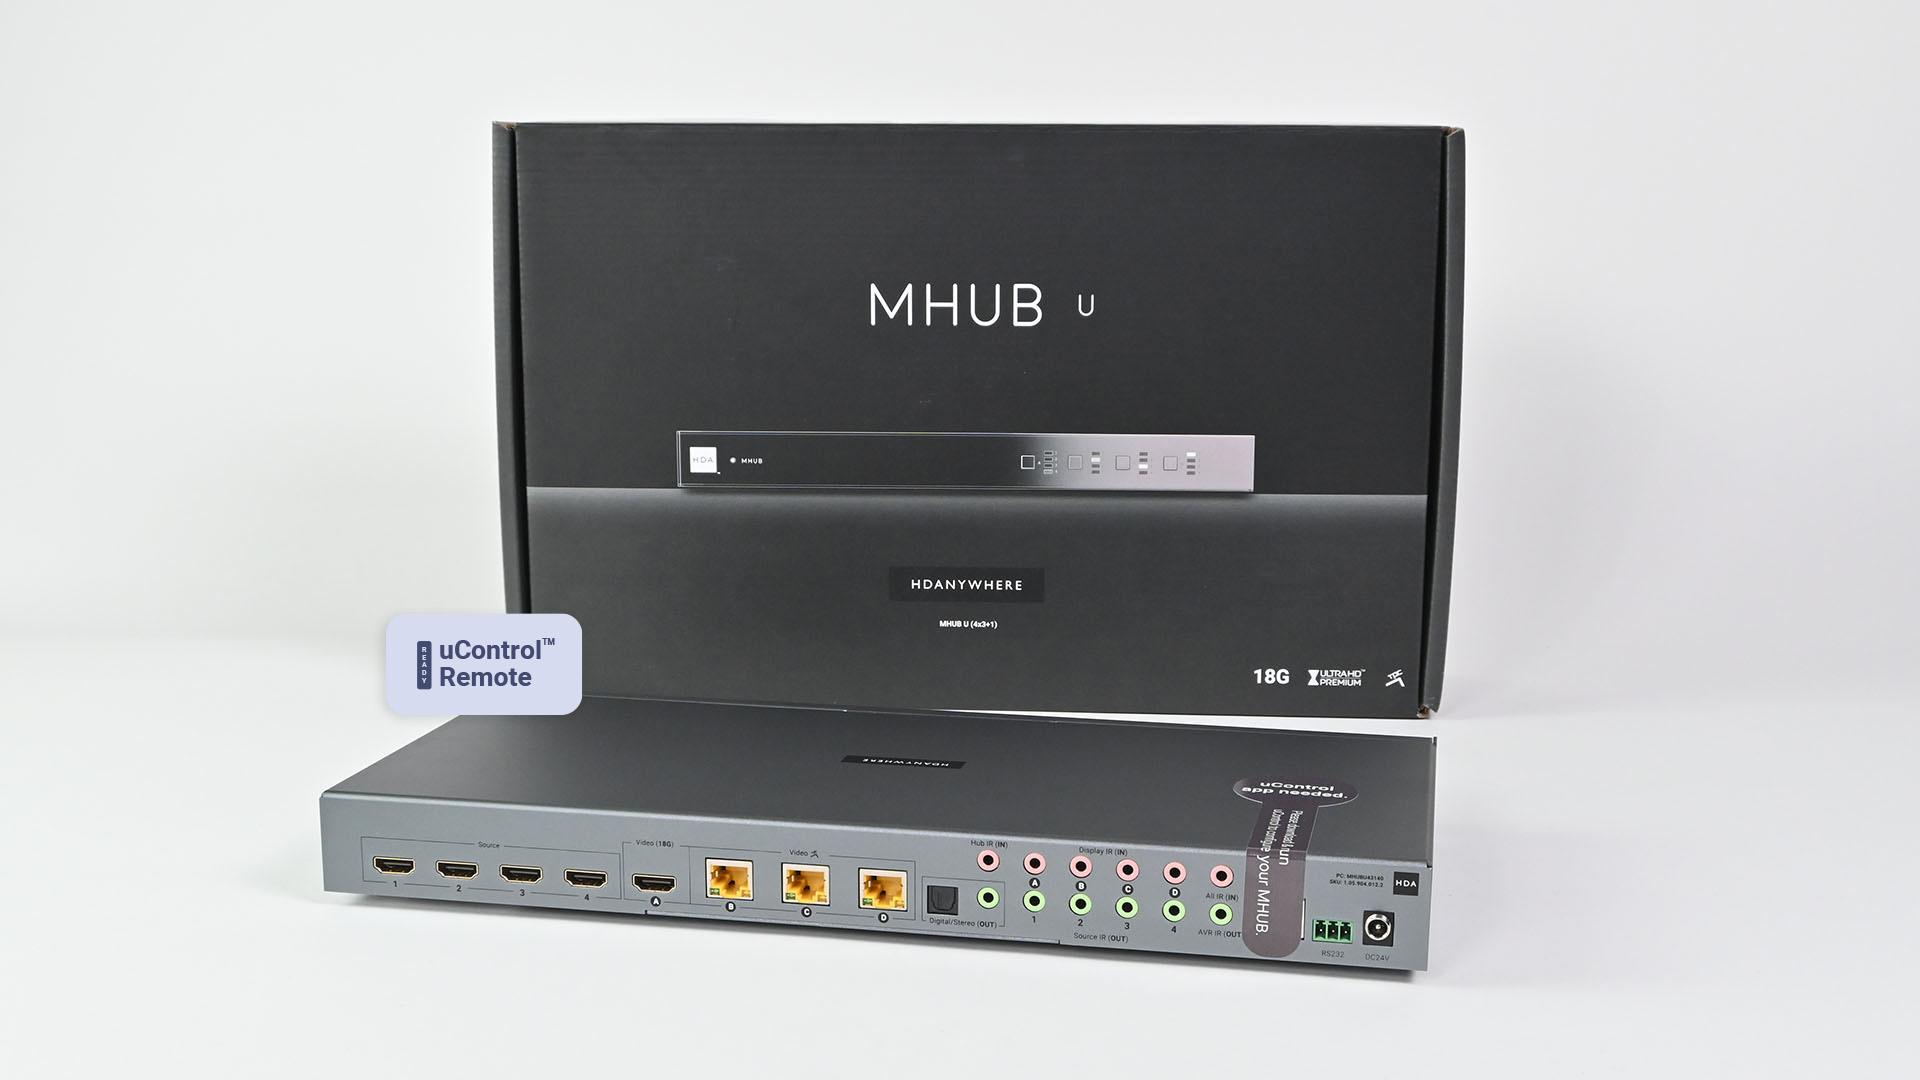 MHUB U (4x3+1)